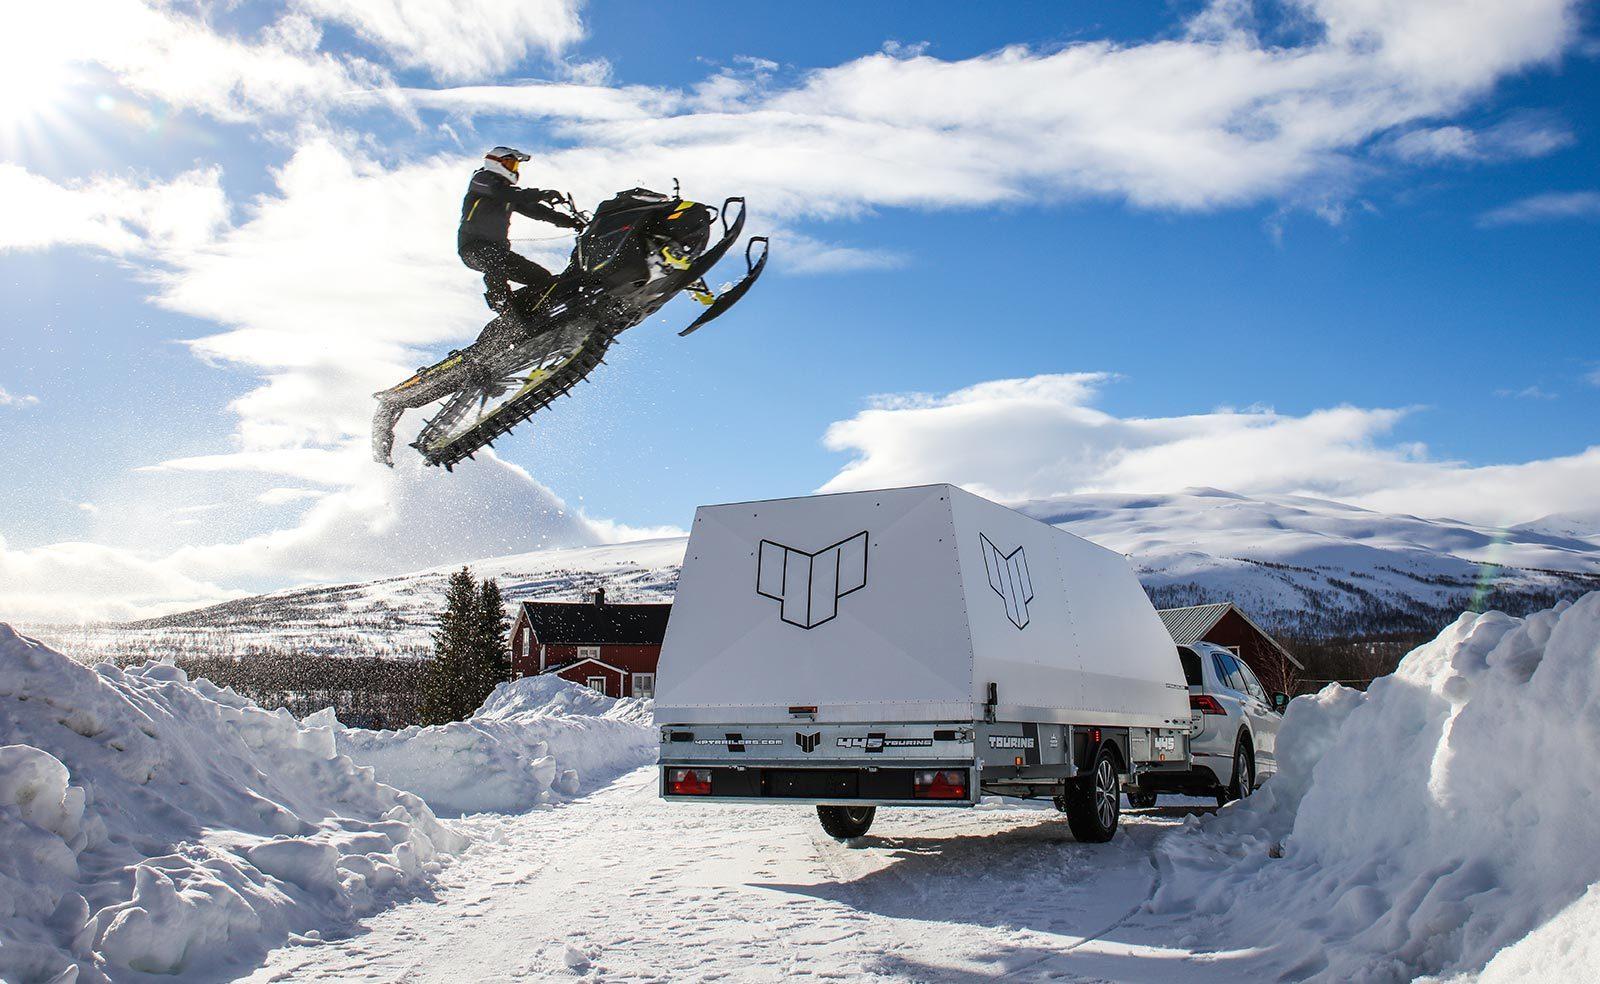 Skoter hoppar över ett 4P-släp i ett snöklätt landskap